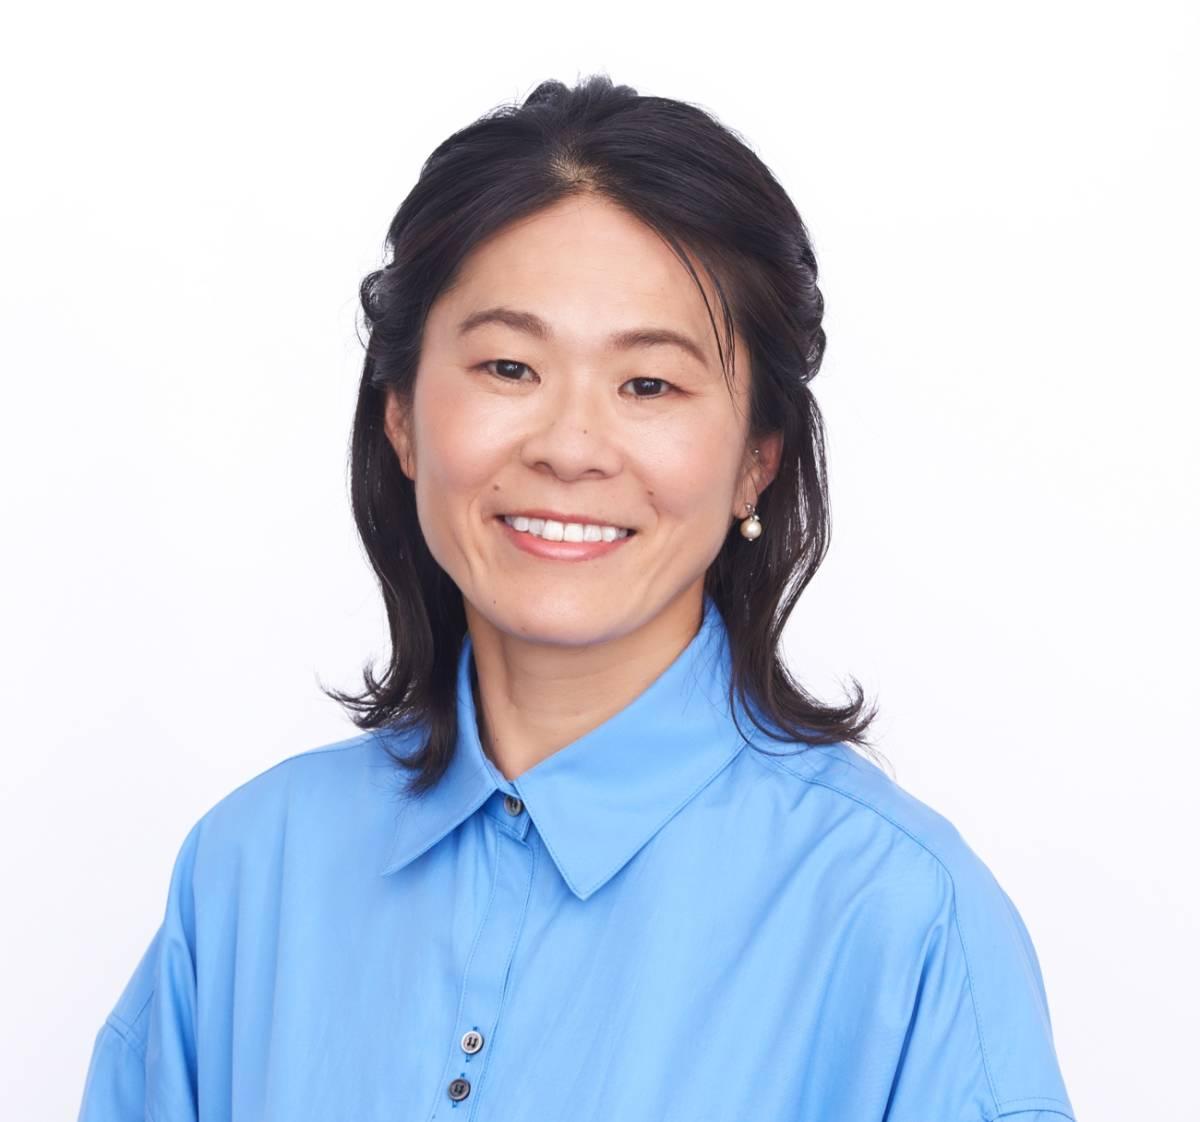 [エイズ孤児支援チャリティー]澤穂希さん直筆サイン入りパーティーマット_澤穂希さんのお写真